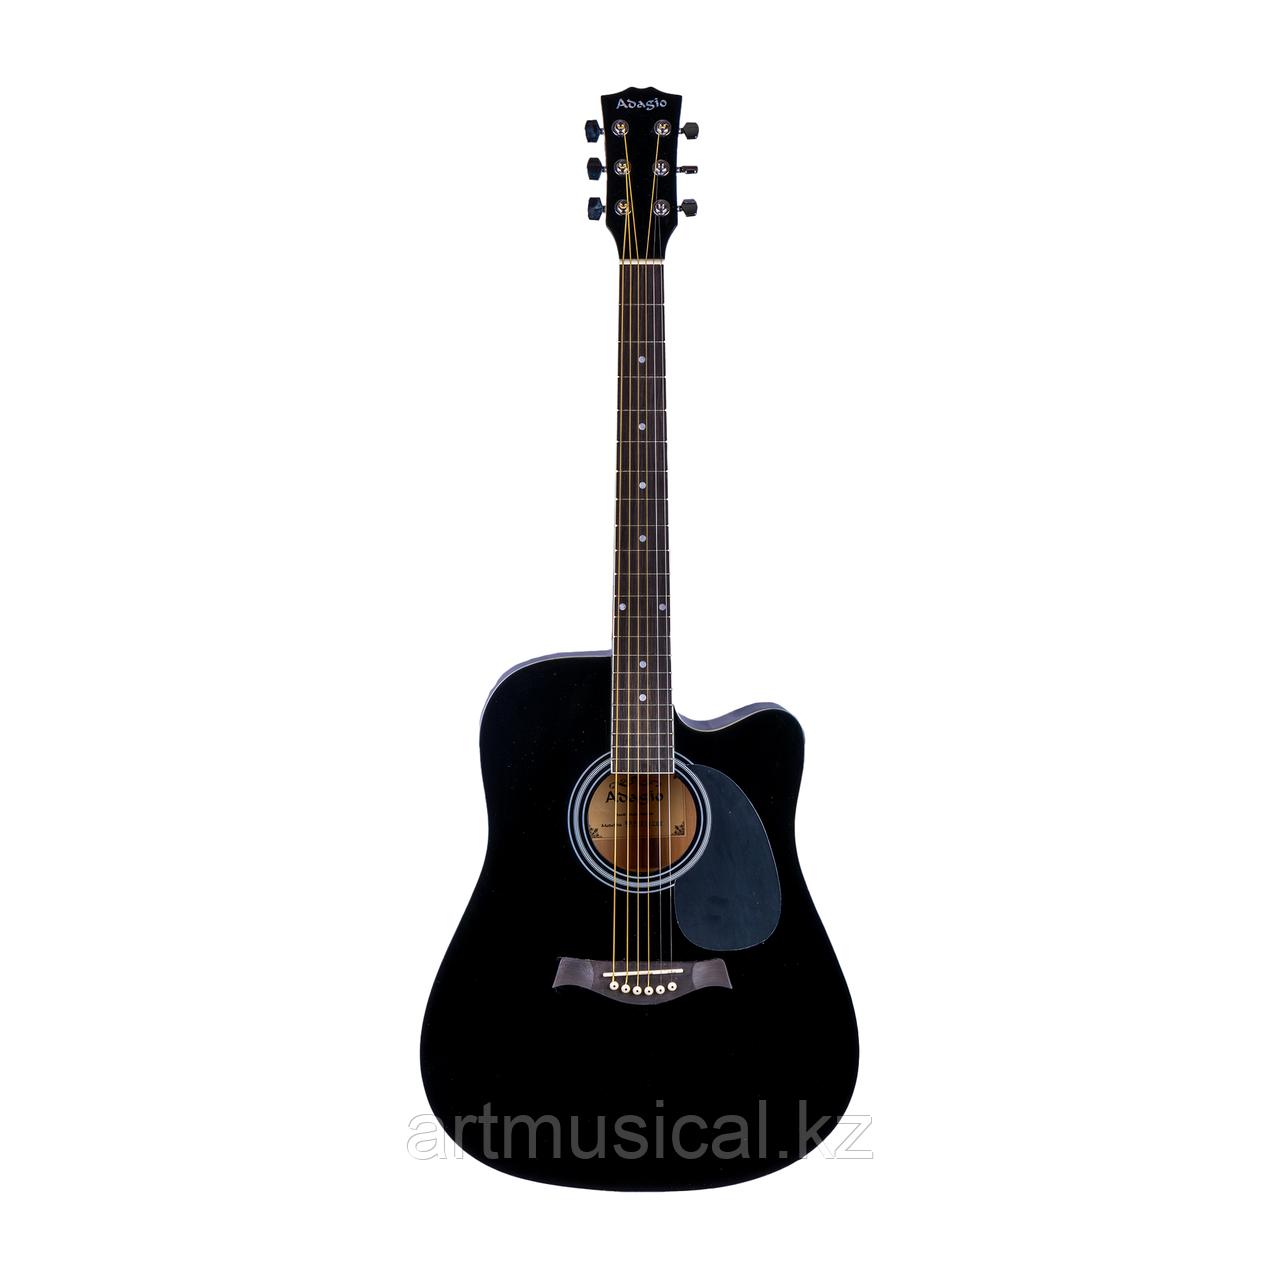 Акустическая гитара Adagio MDF-4171C BK